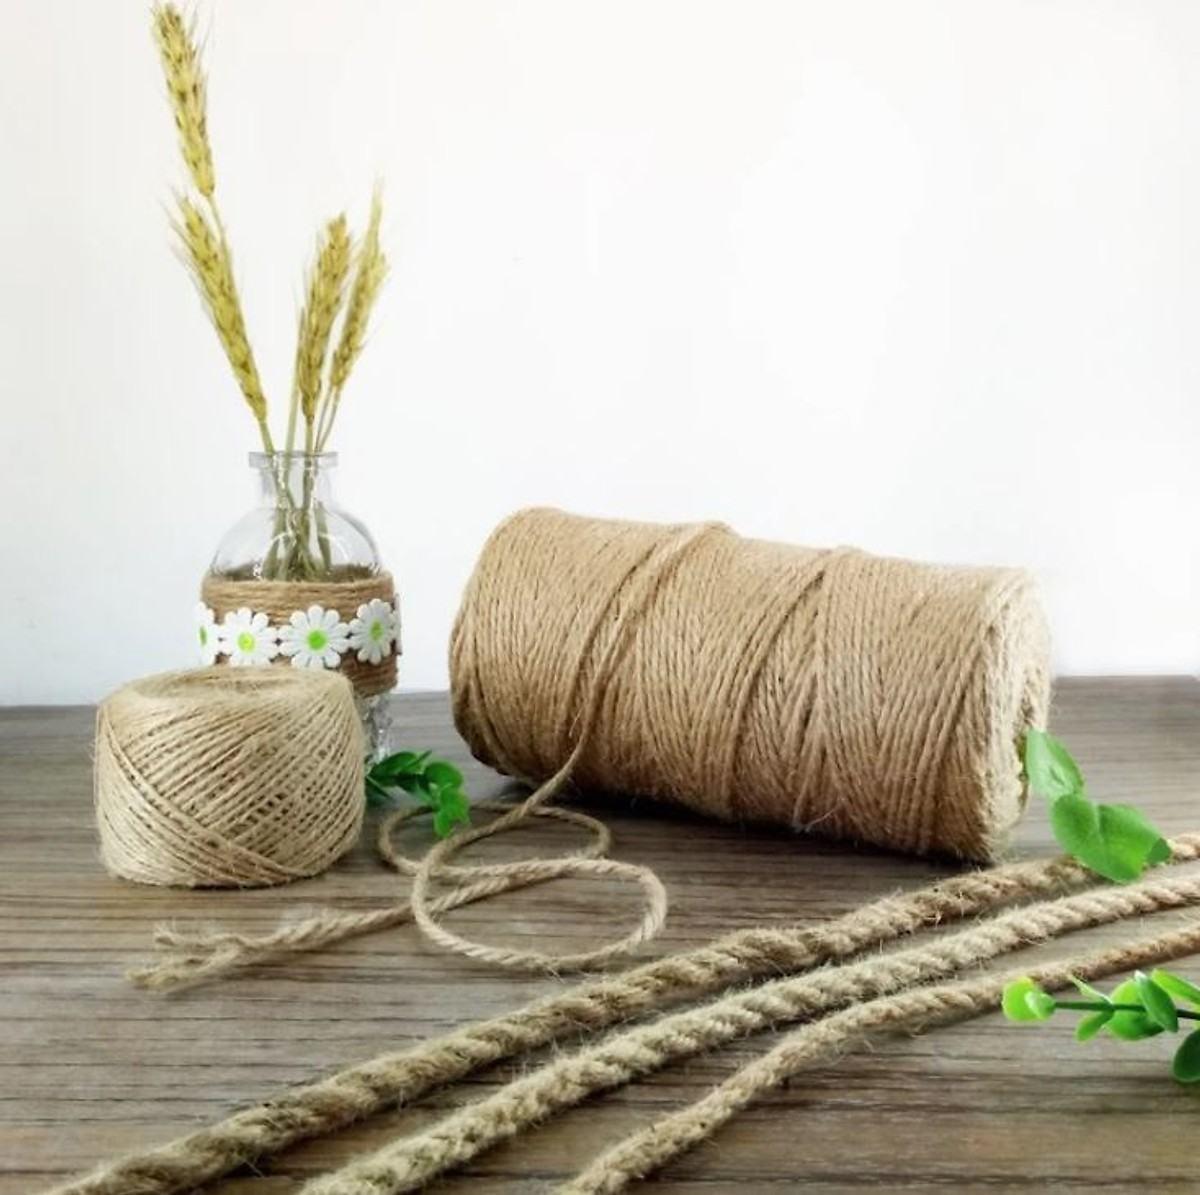 Một vài nguyên liệu đơn giản để làm lọ hoa handmade (Nguồn: Internet)